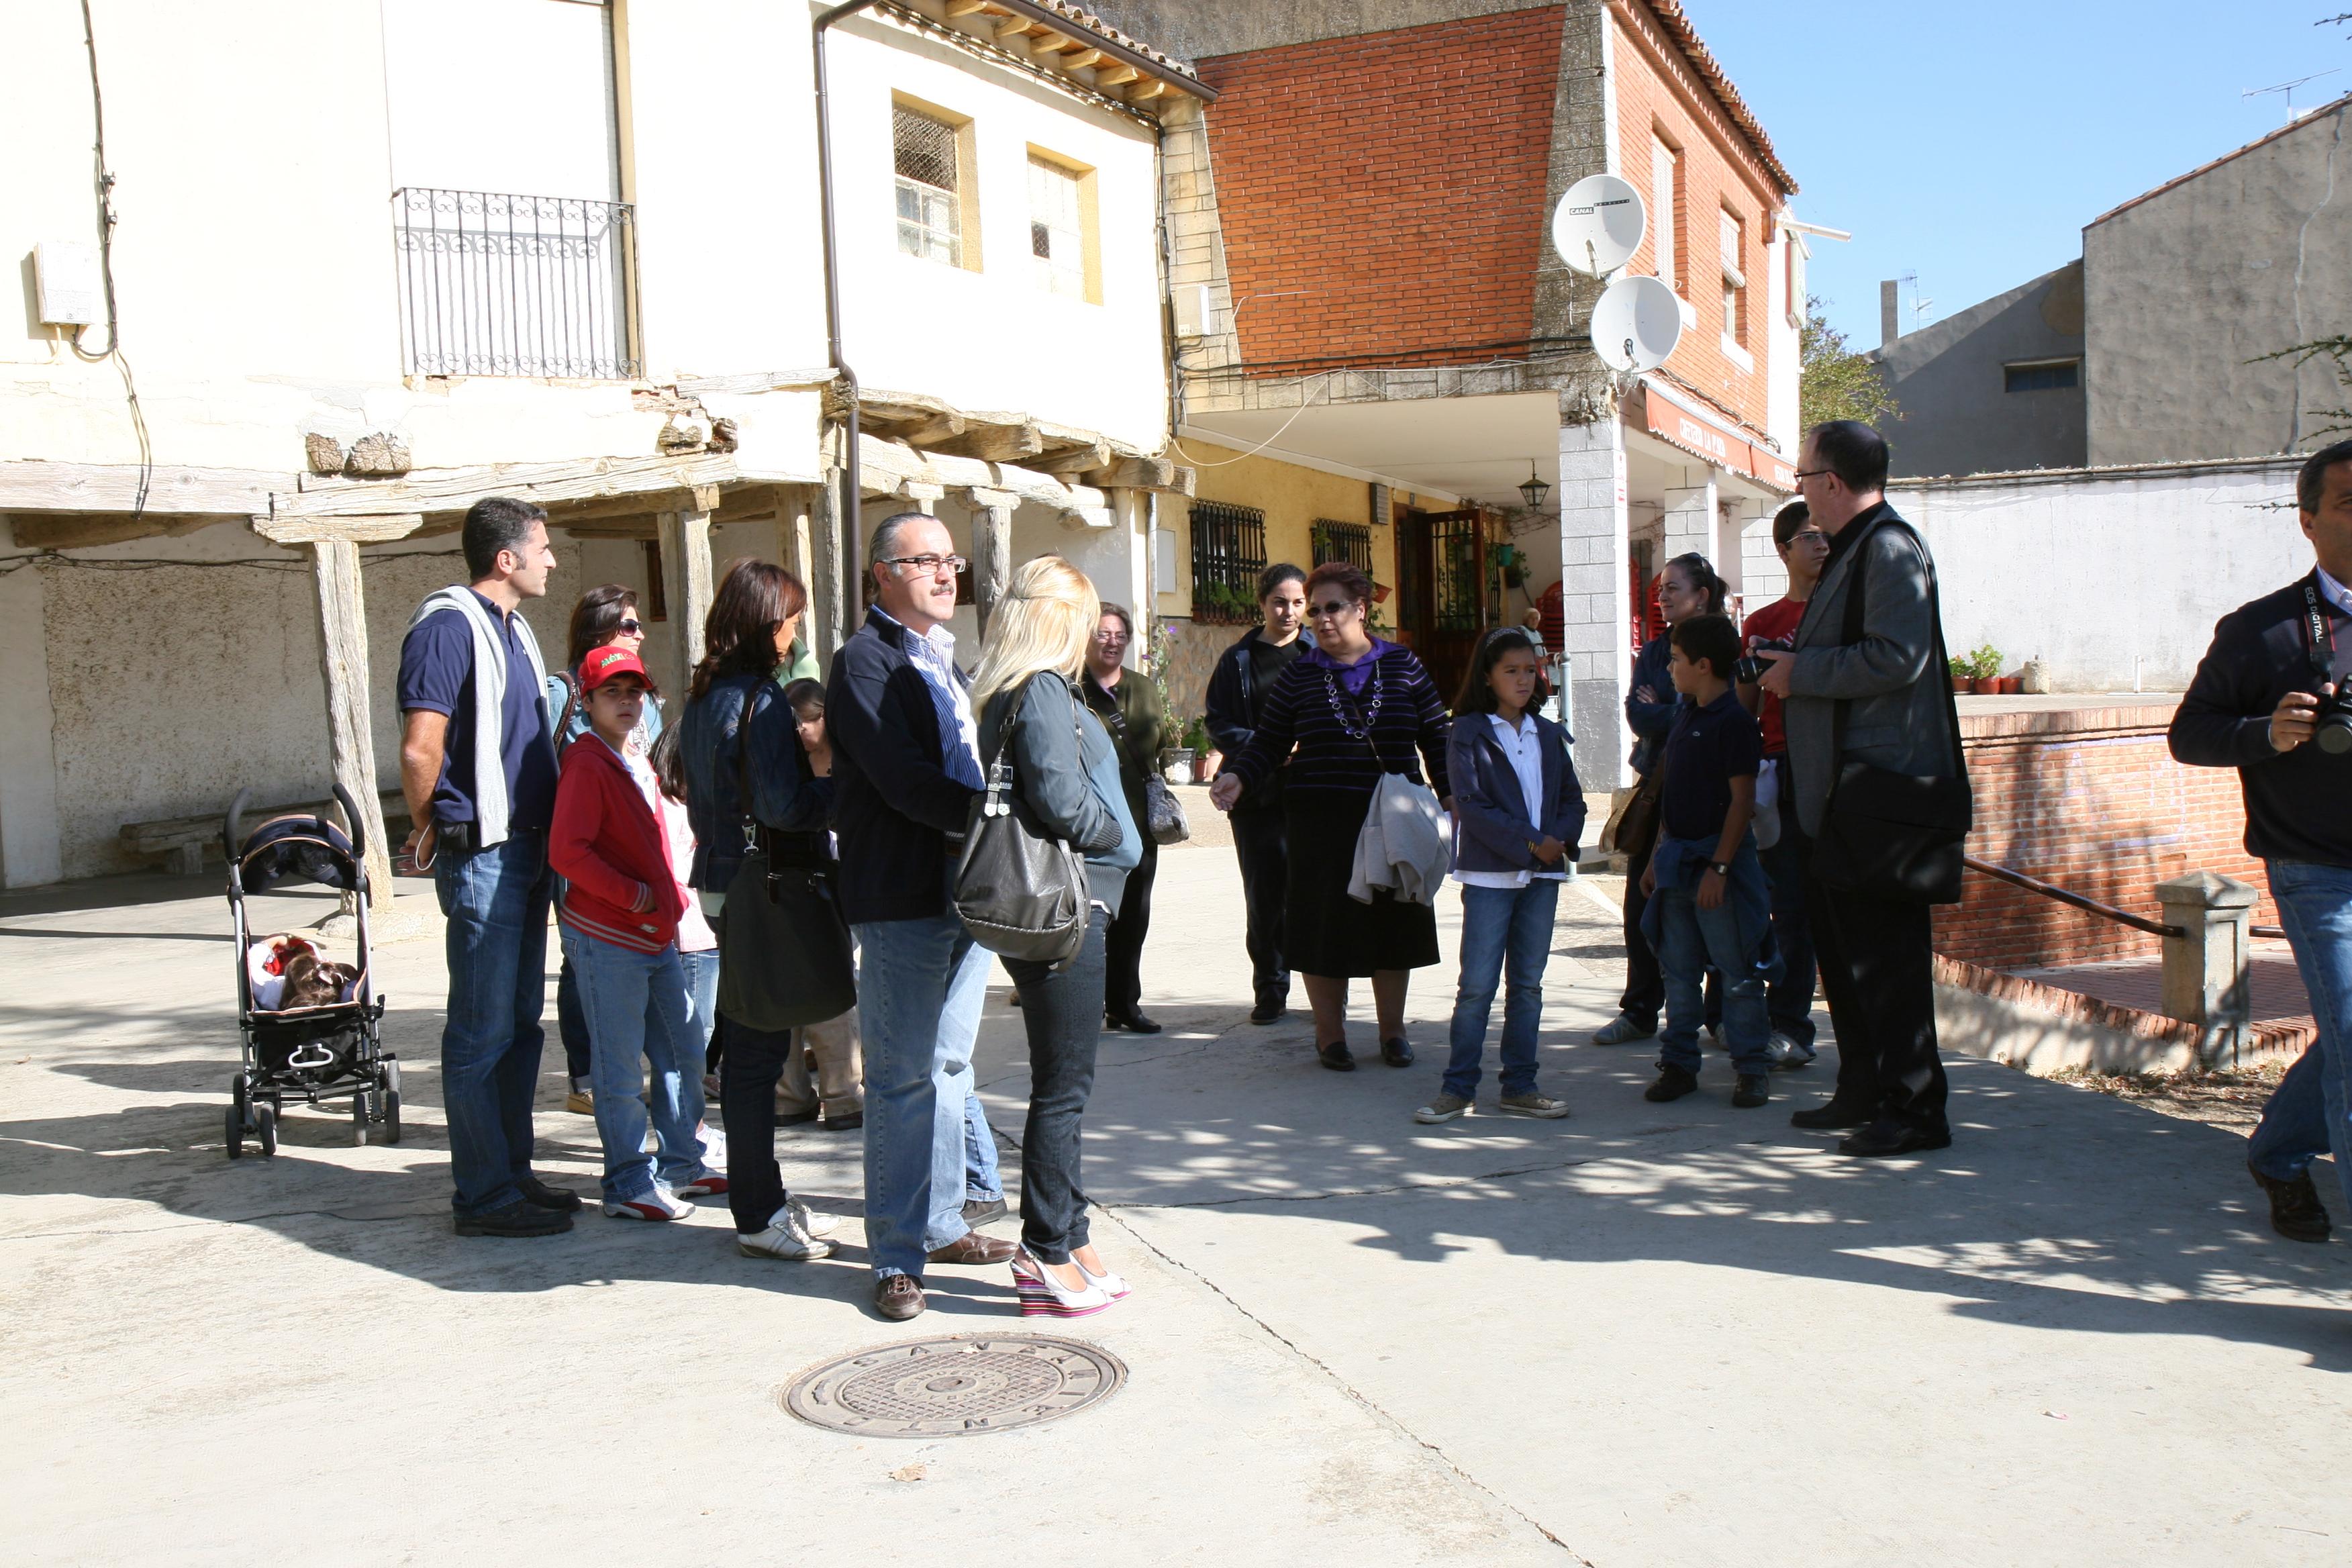 Transmisores de la vida rural-Cuenca de Campos | cultyocio.es